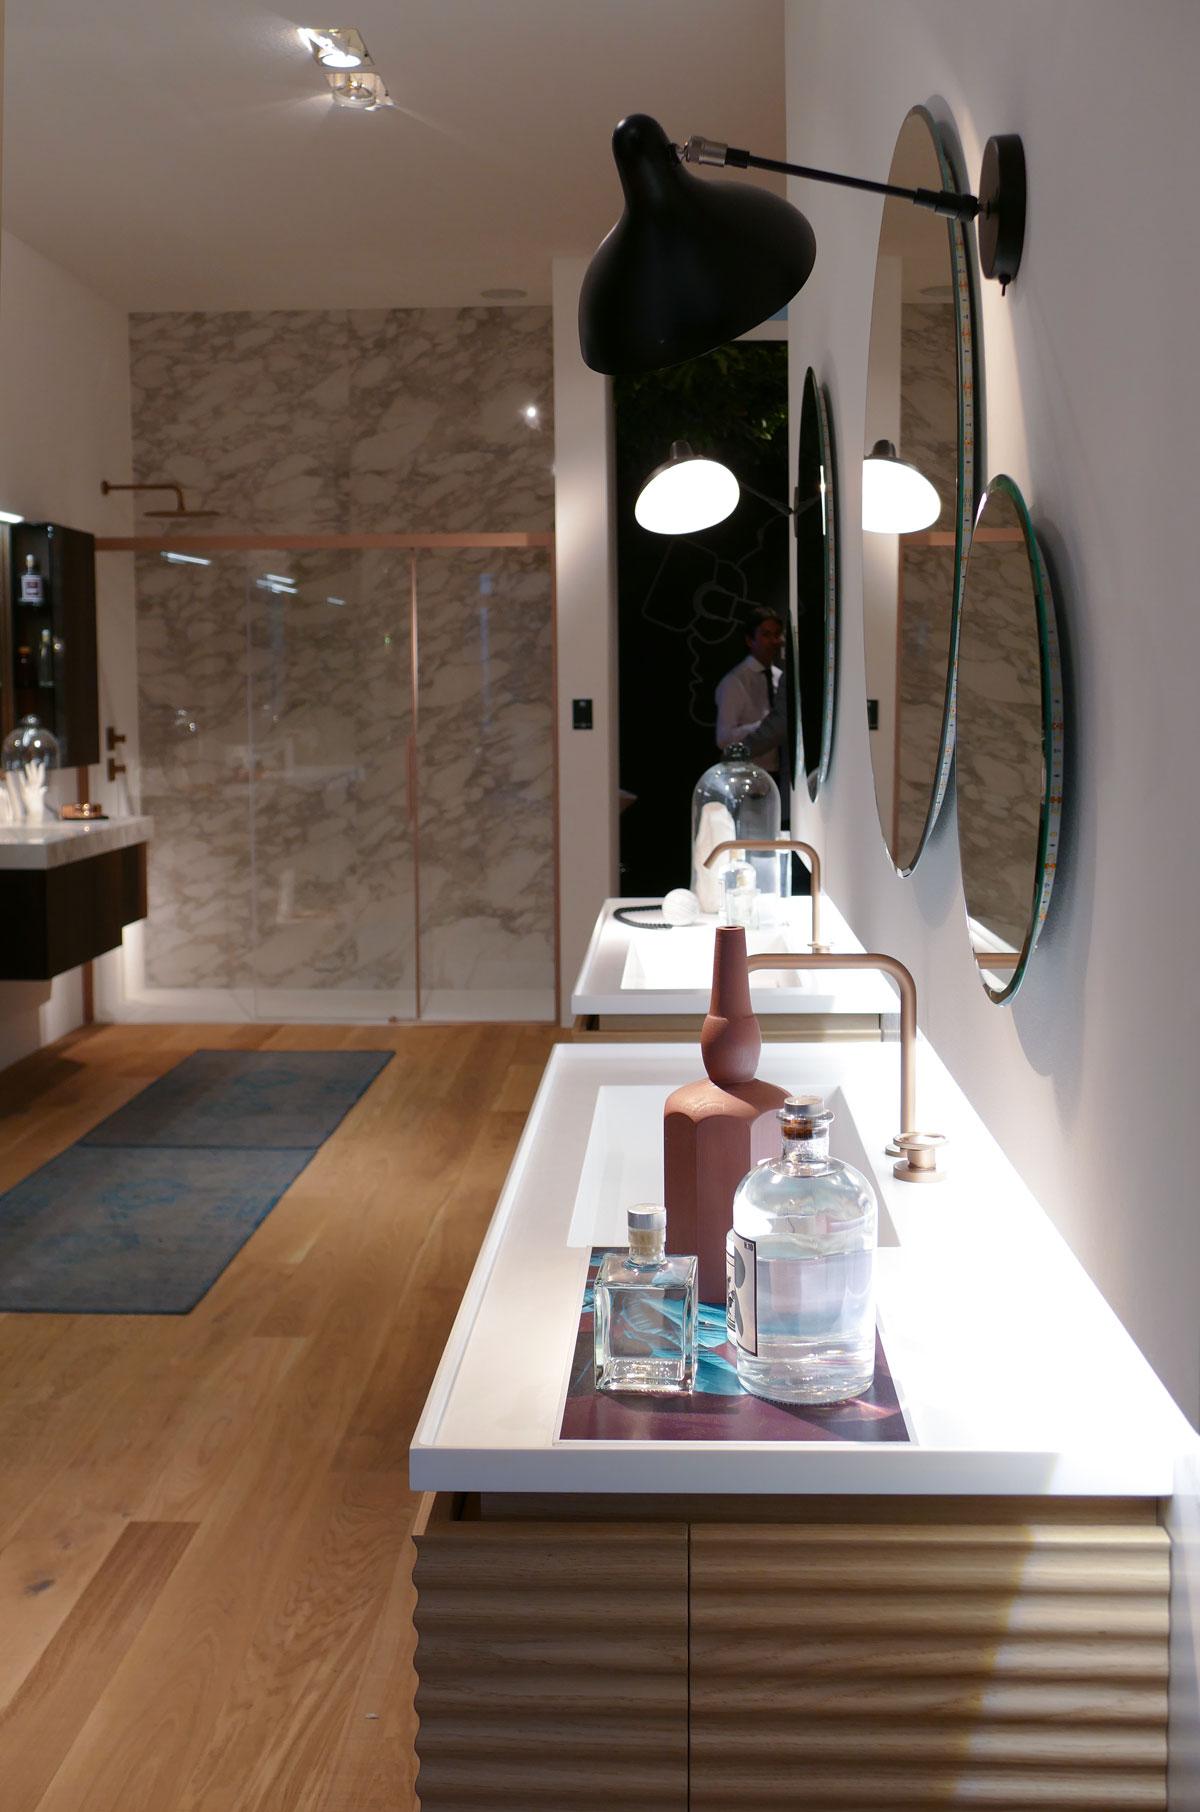 Salone internazionale del bagno 2018 le novit ideagroup for Arredo bagno a milano